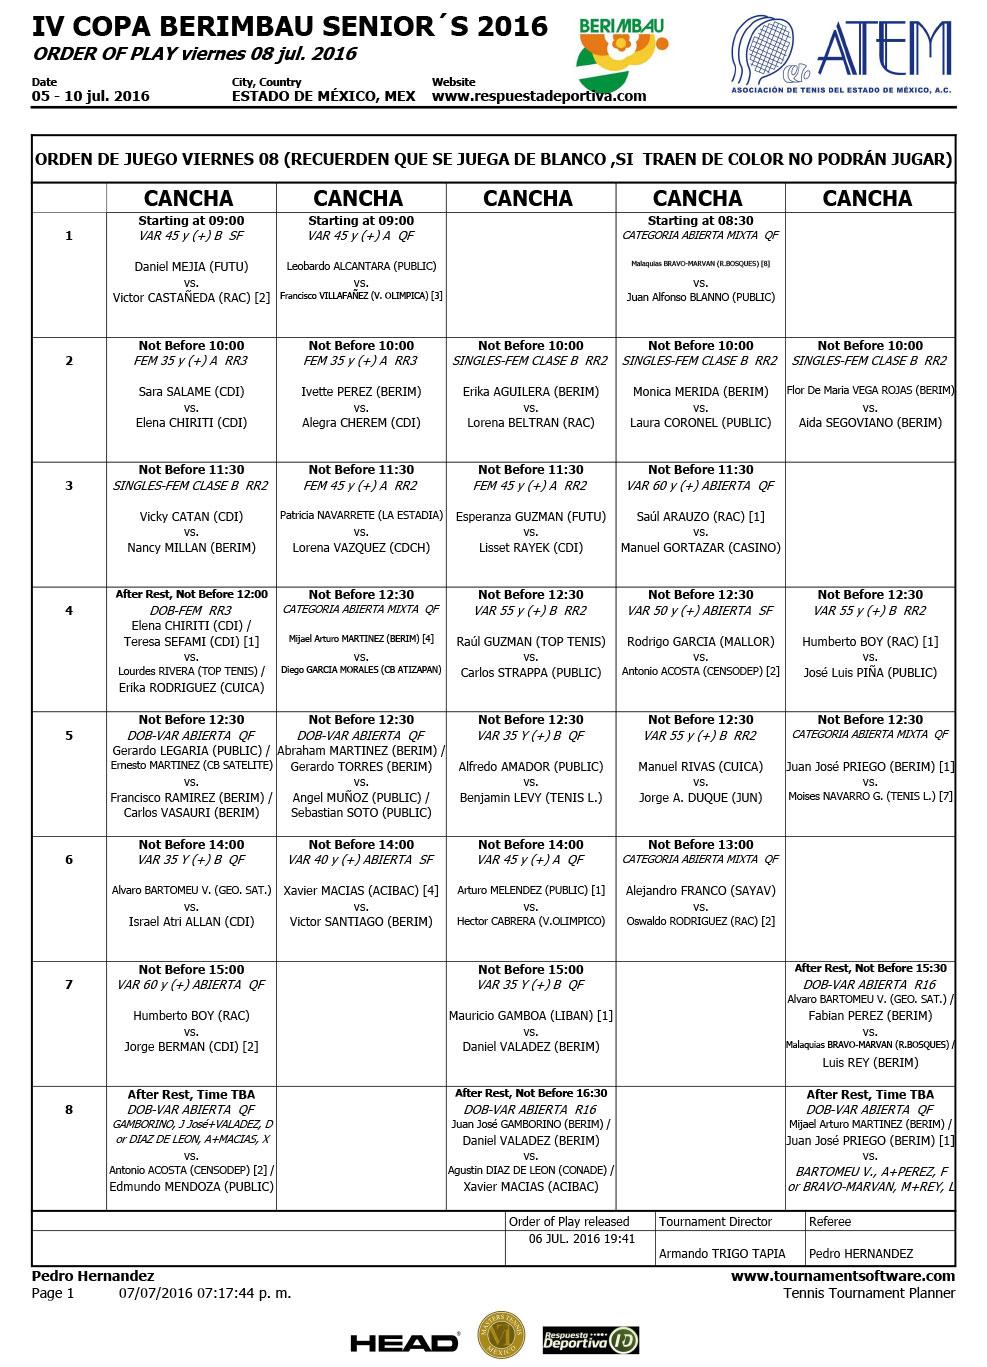 ÓRDEN-DE-JUEGO-VIERNES-08-Y-SABADO-09-IV-COPA-BERIMBAU-SENIOR´S-2016-1